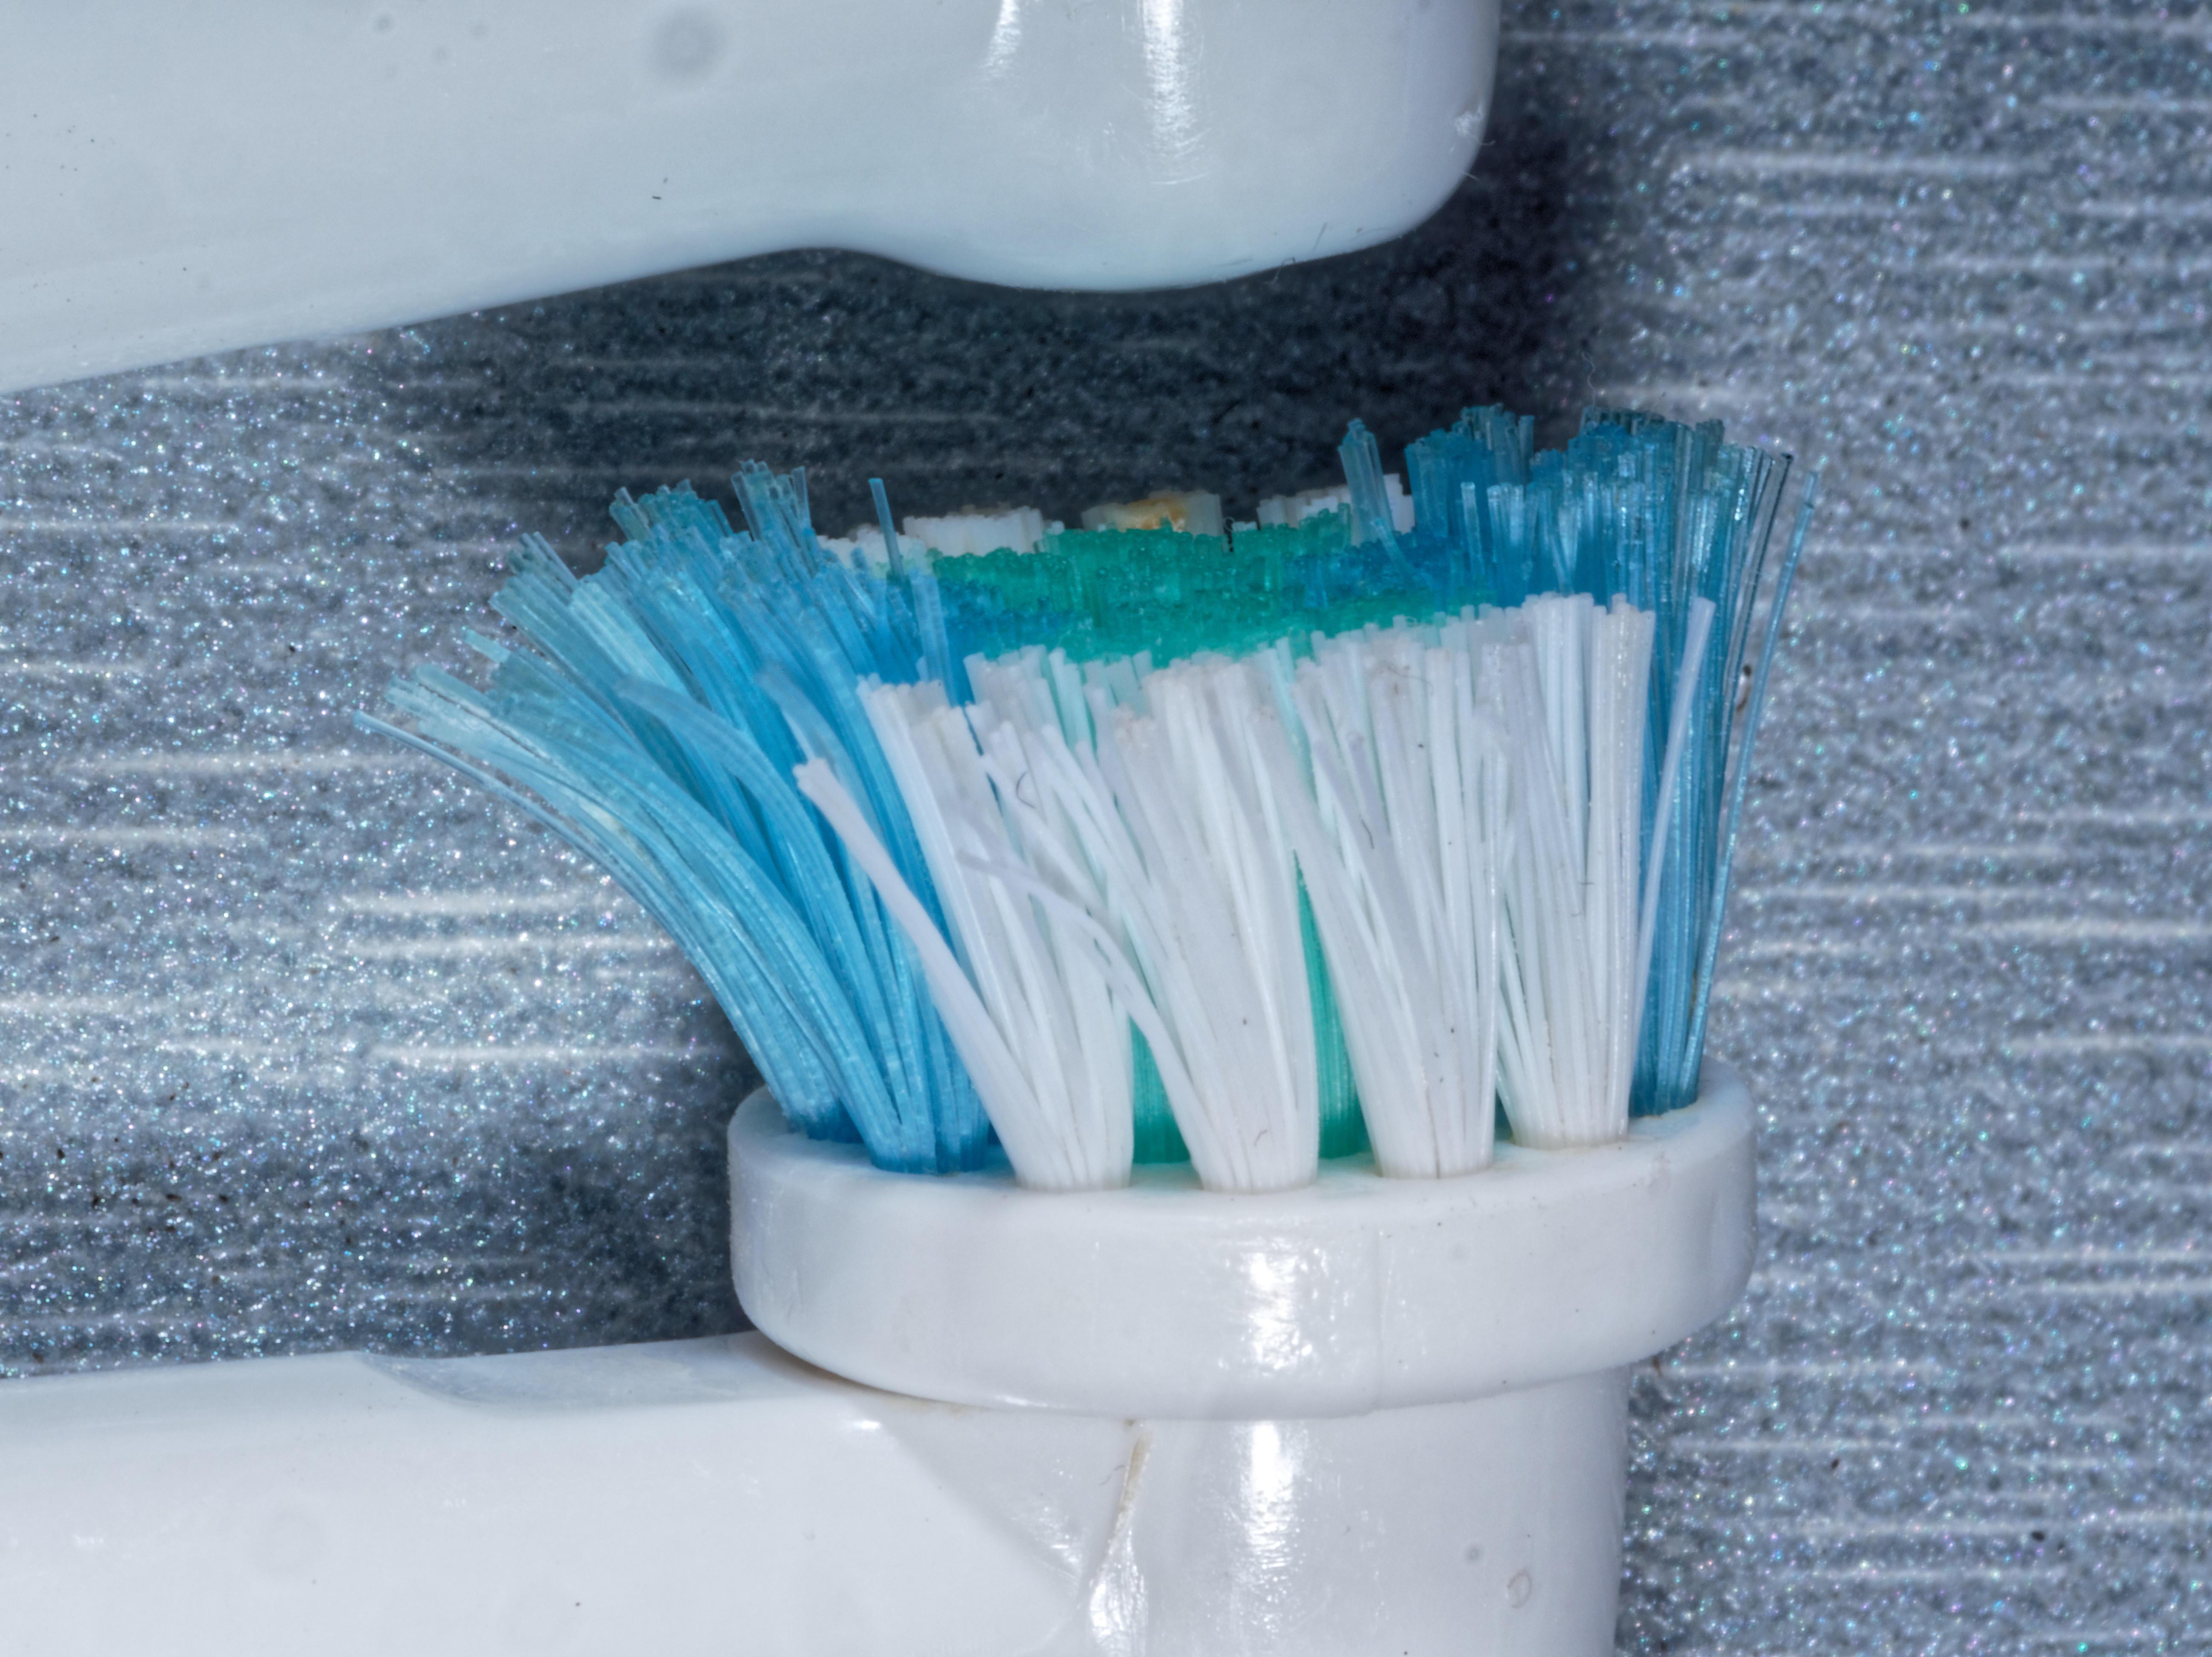 Toothbrush-1.jpeg